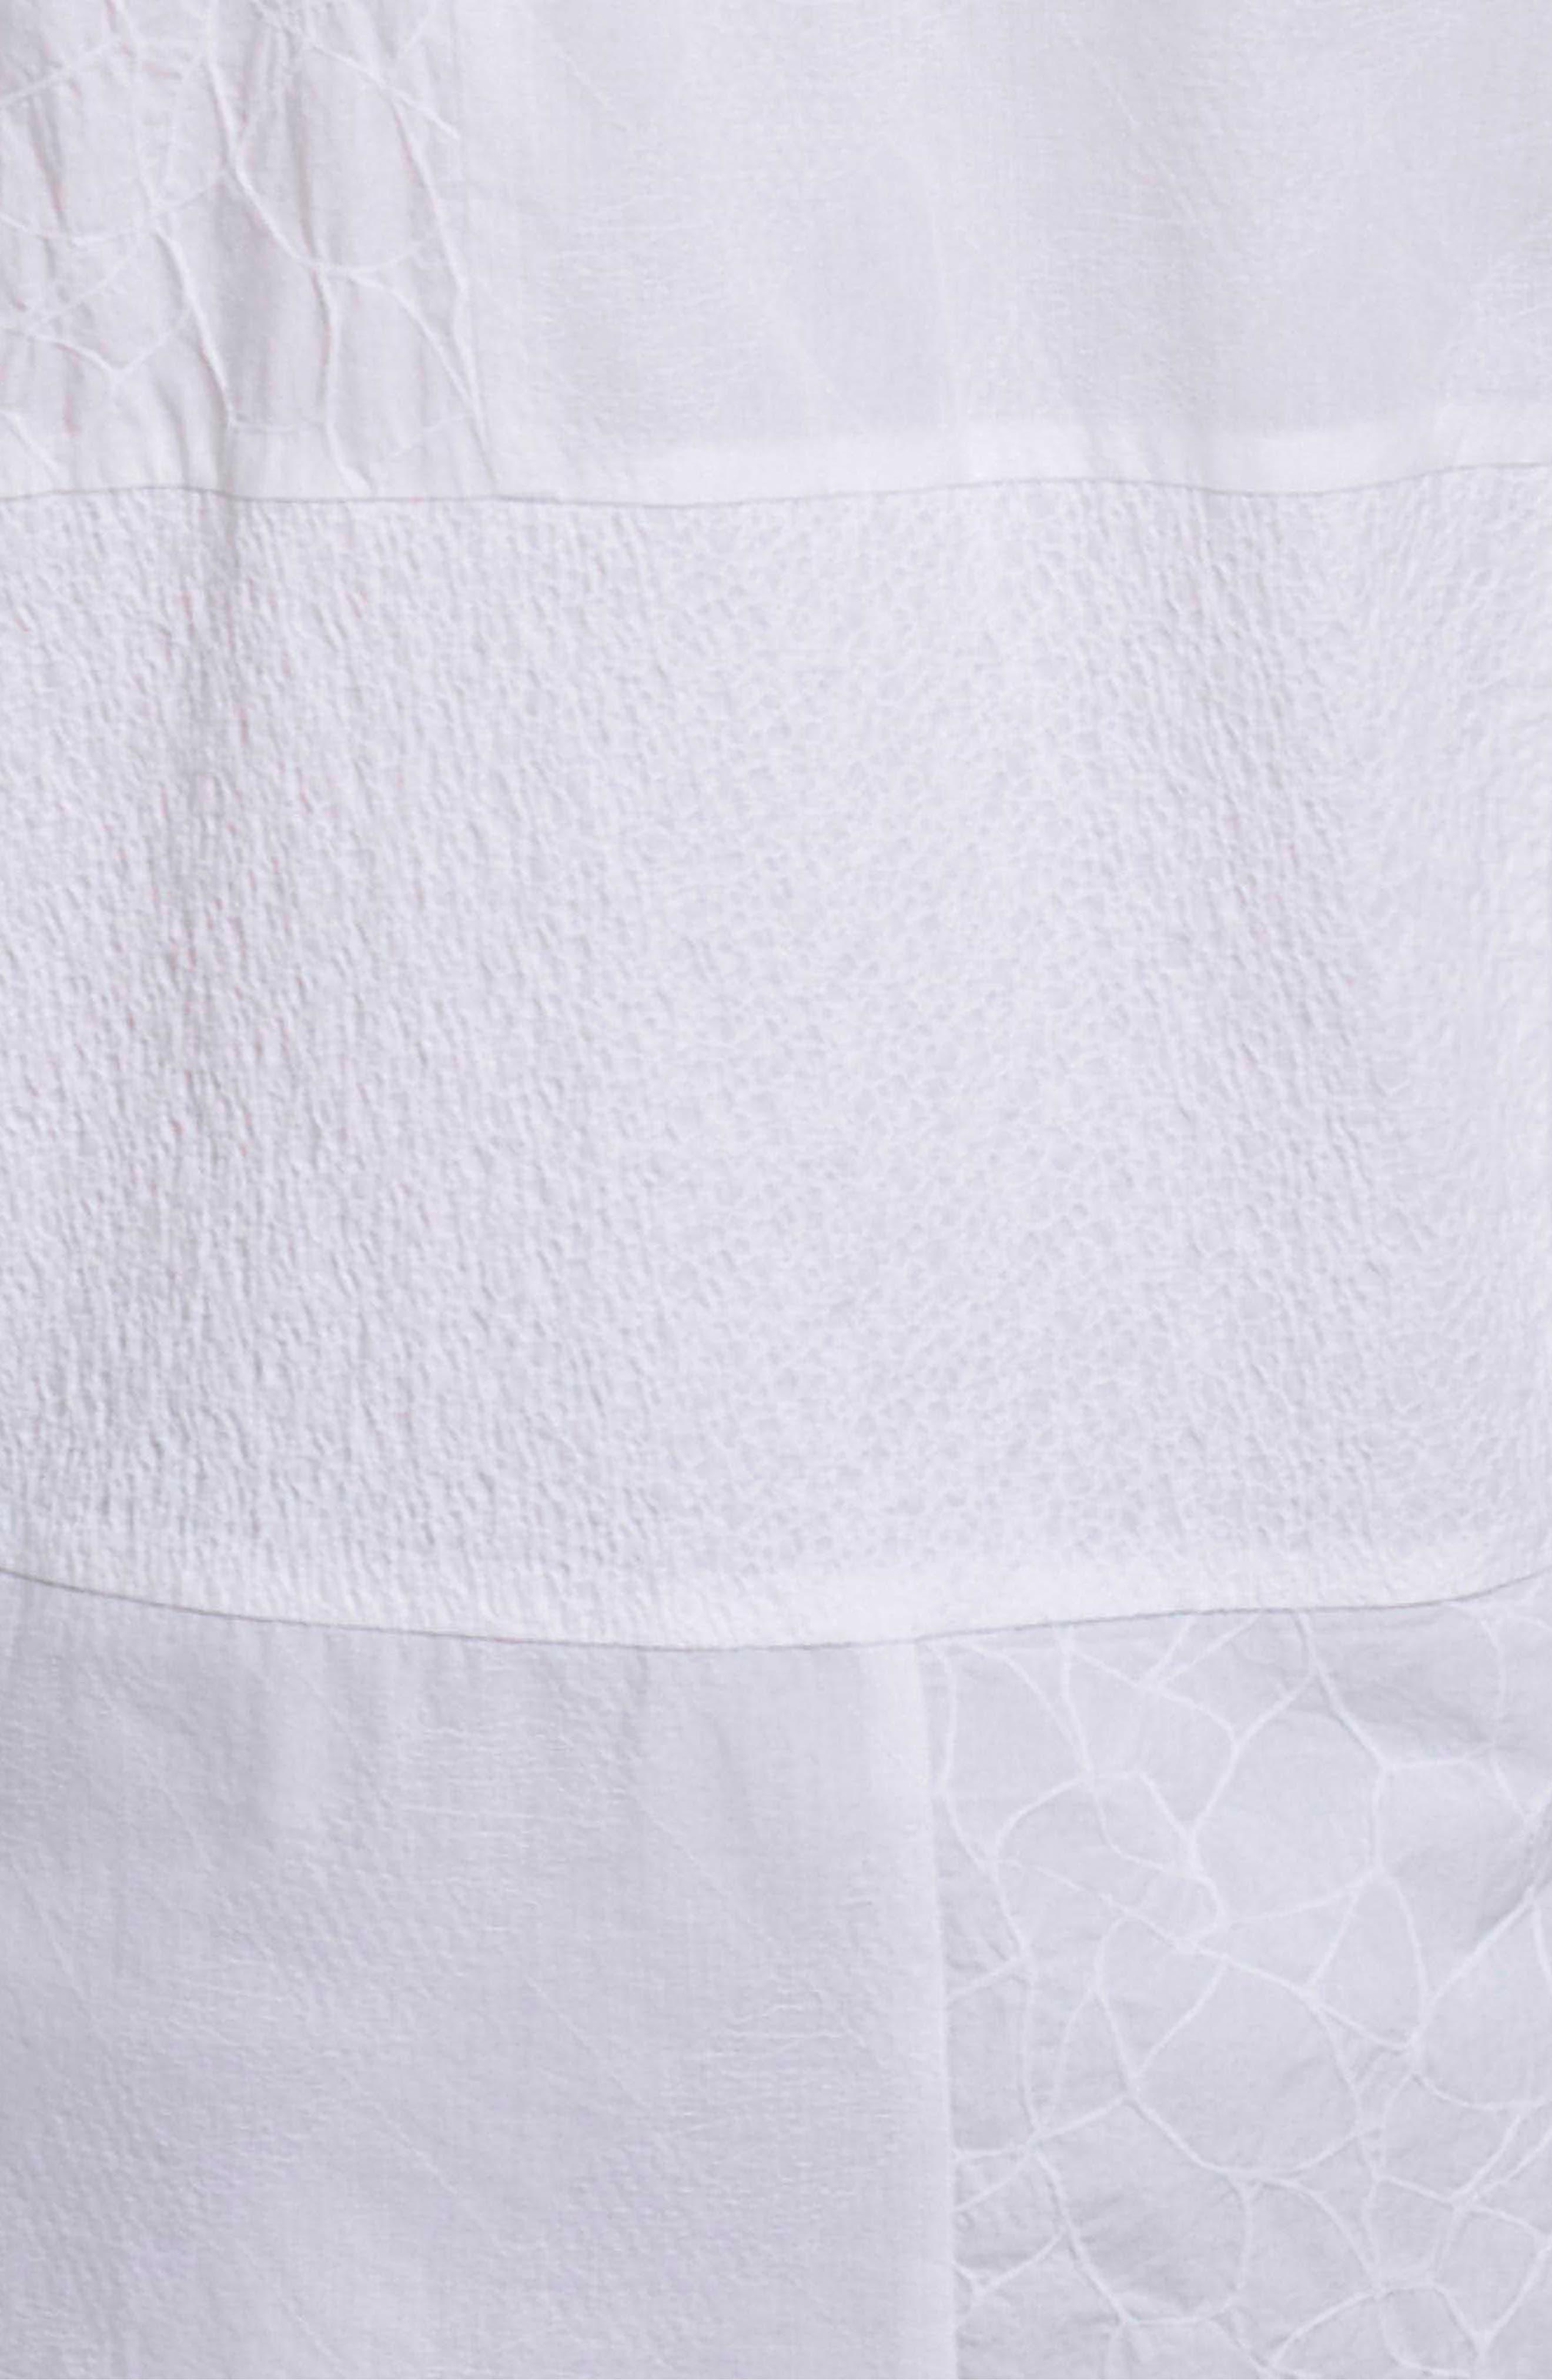 Duke Classic Fit Sport Shirt,                             Alternate thumbnail 6, color,                             White